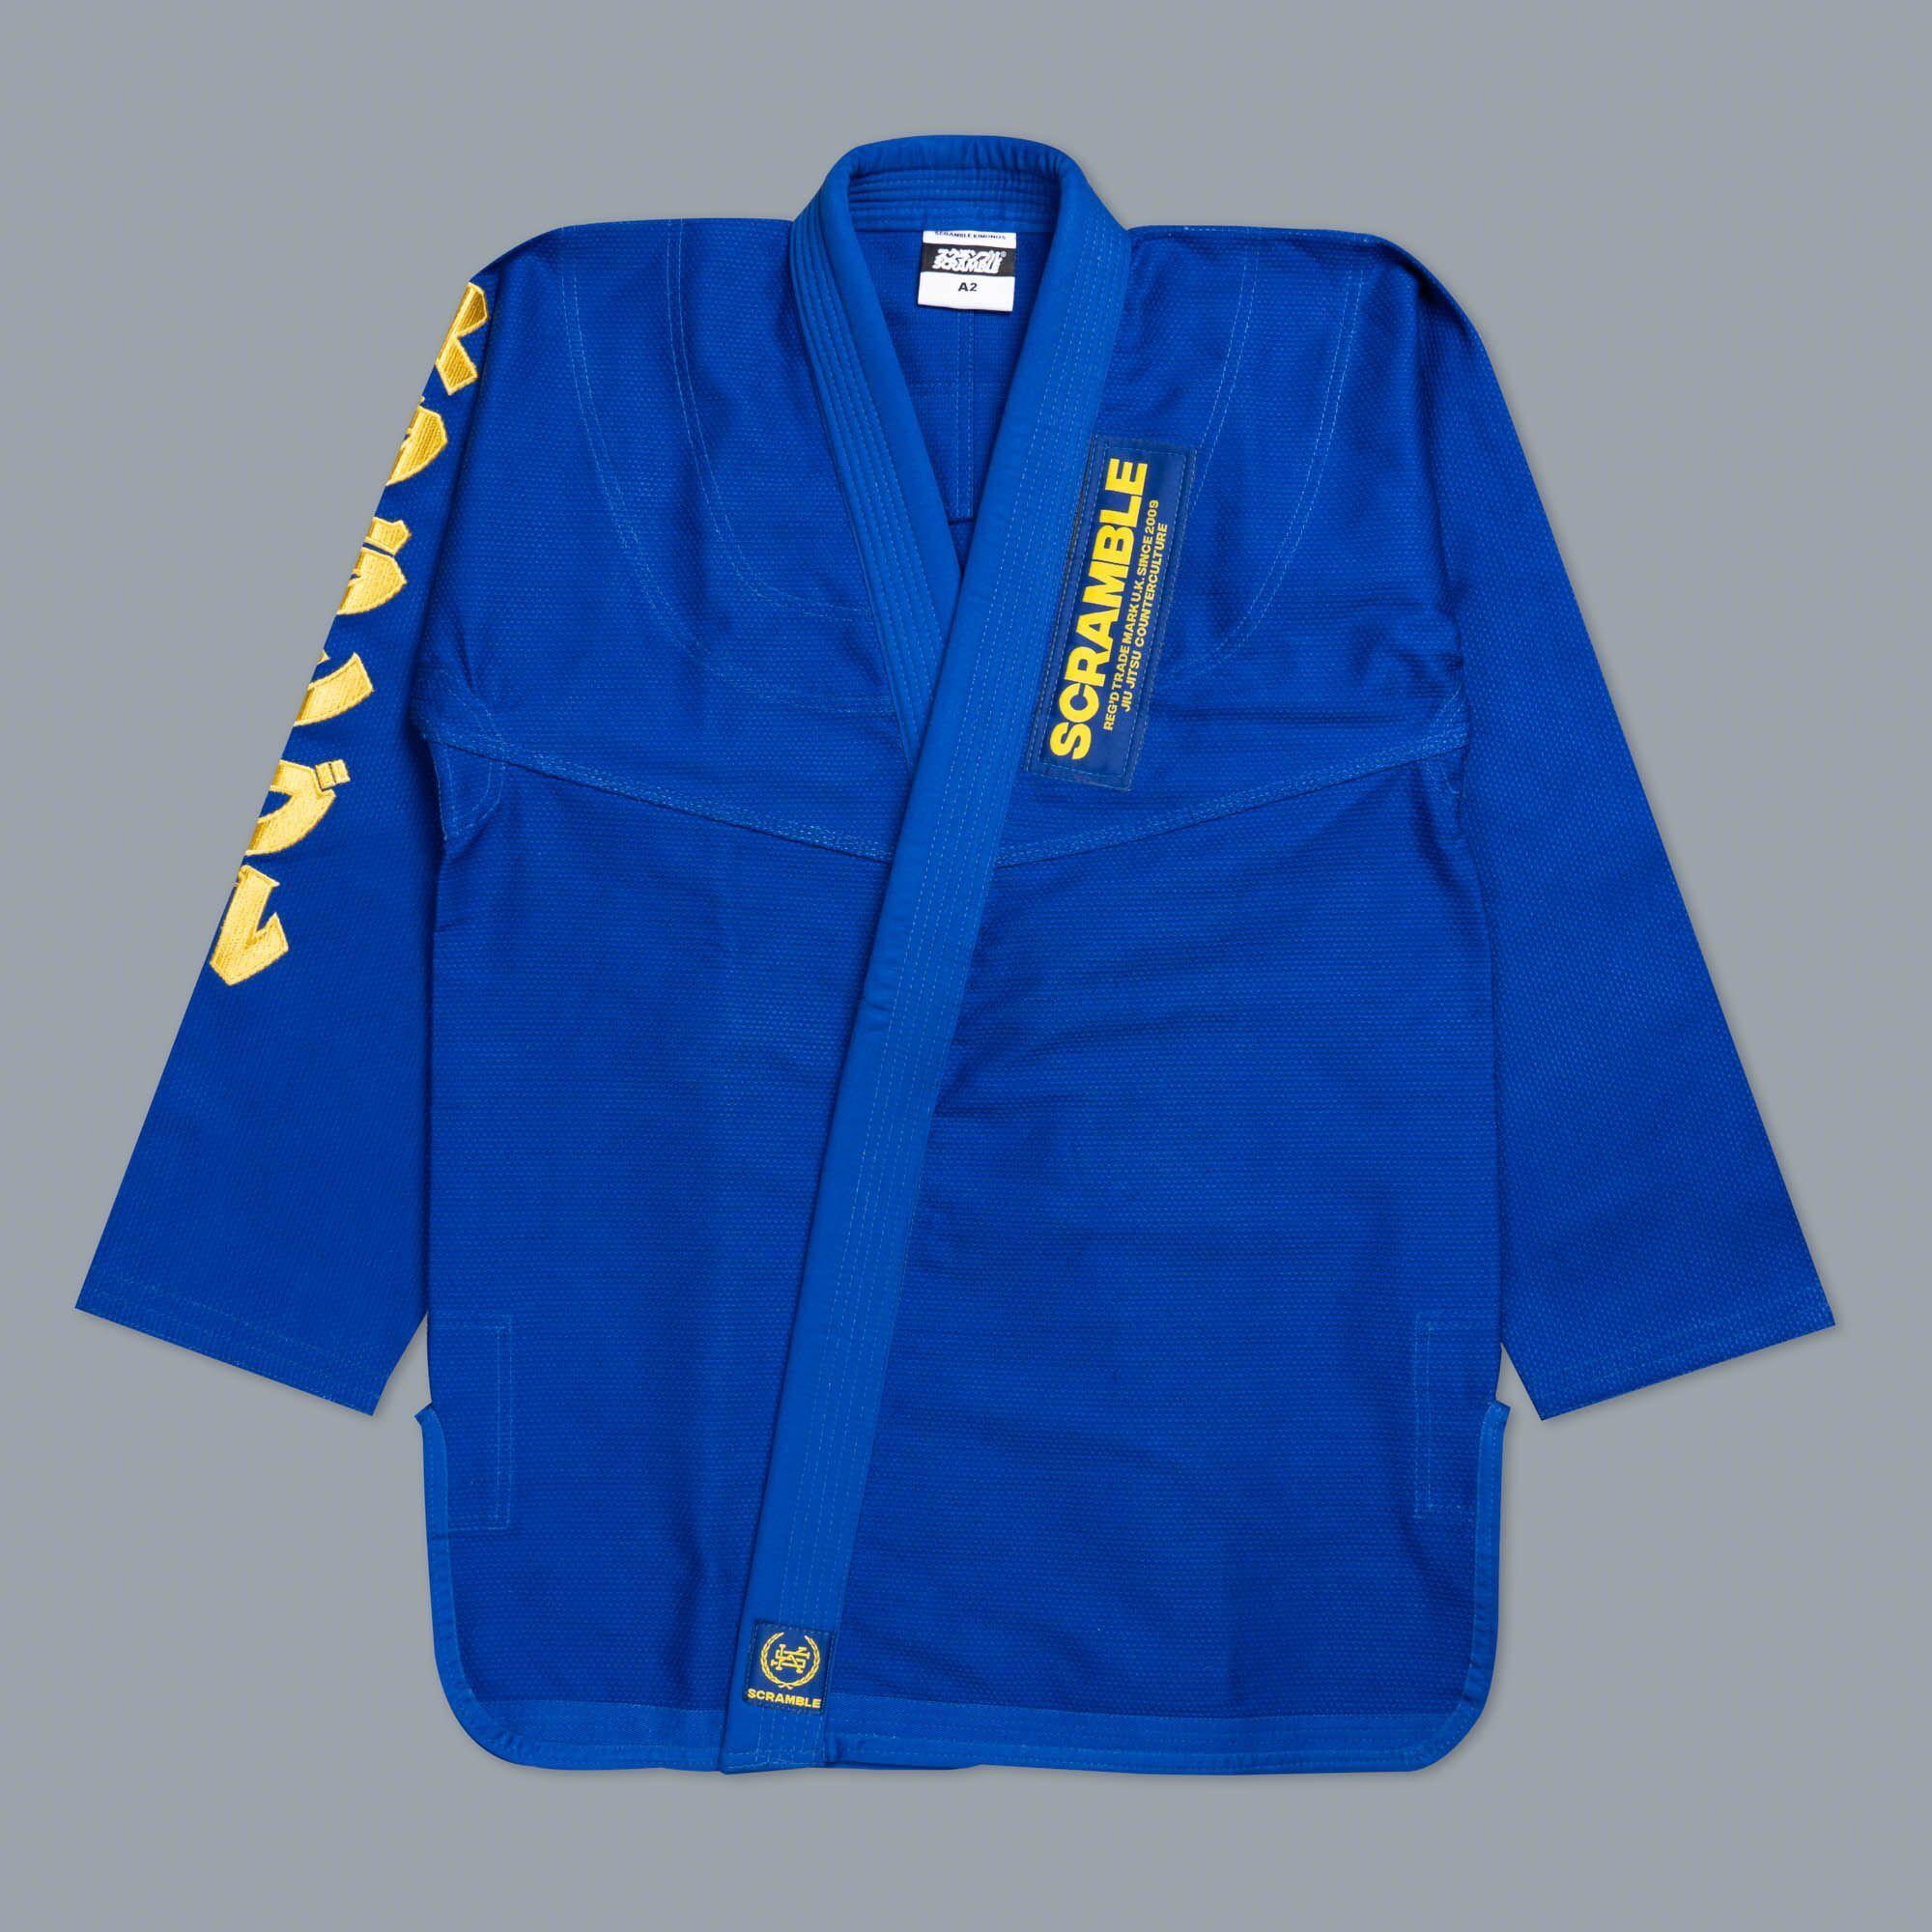 予約注文受付中!SCRAMBLE MAKOTO GI ブルー|ブラジリアン柔術着(柔術衣)